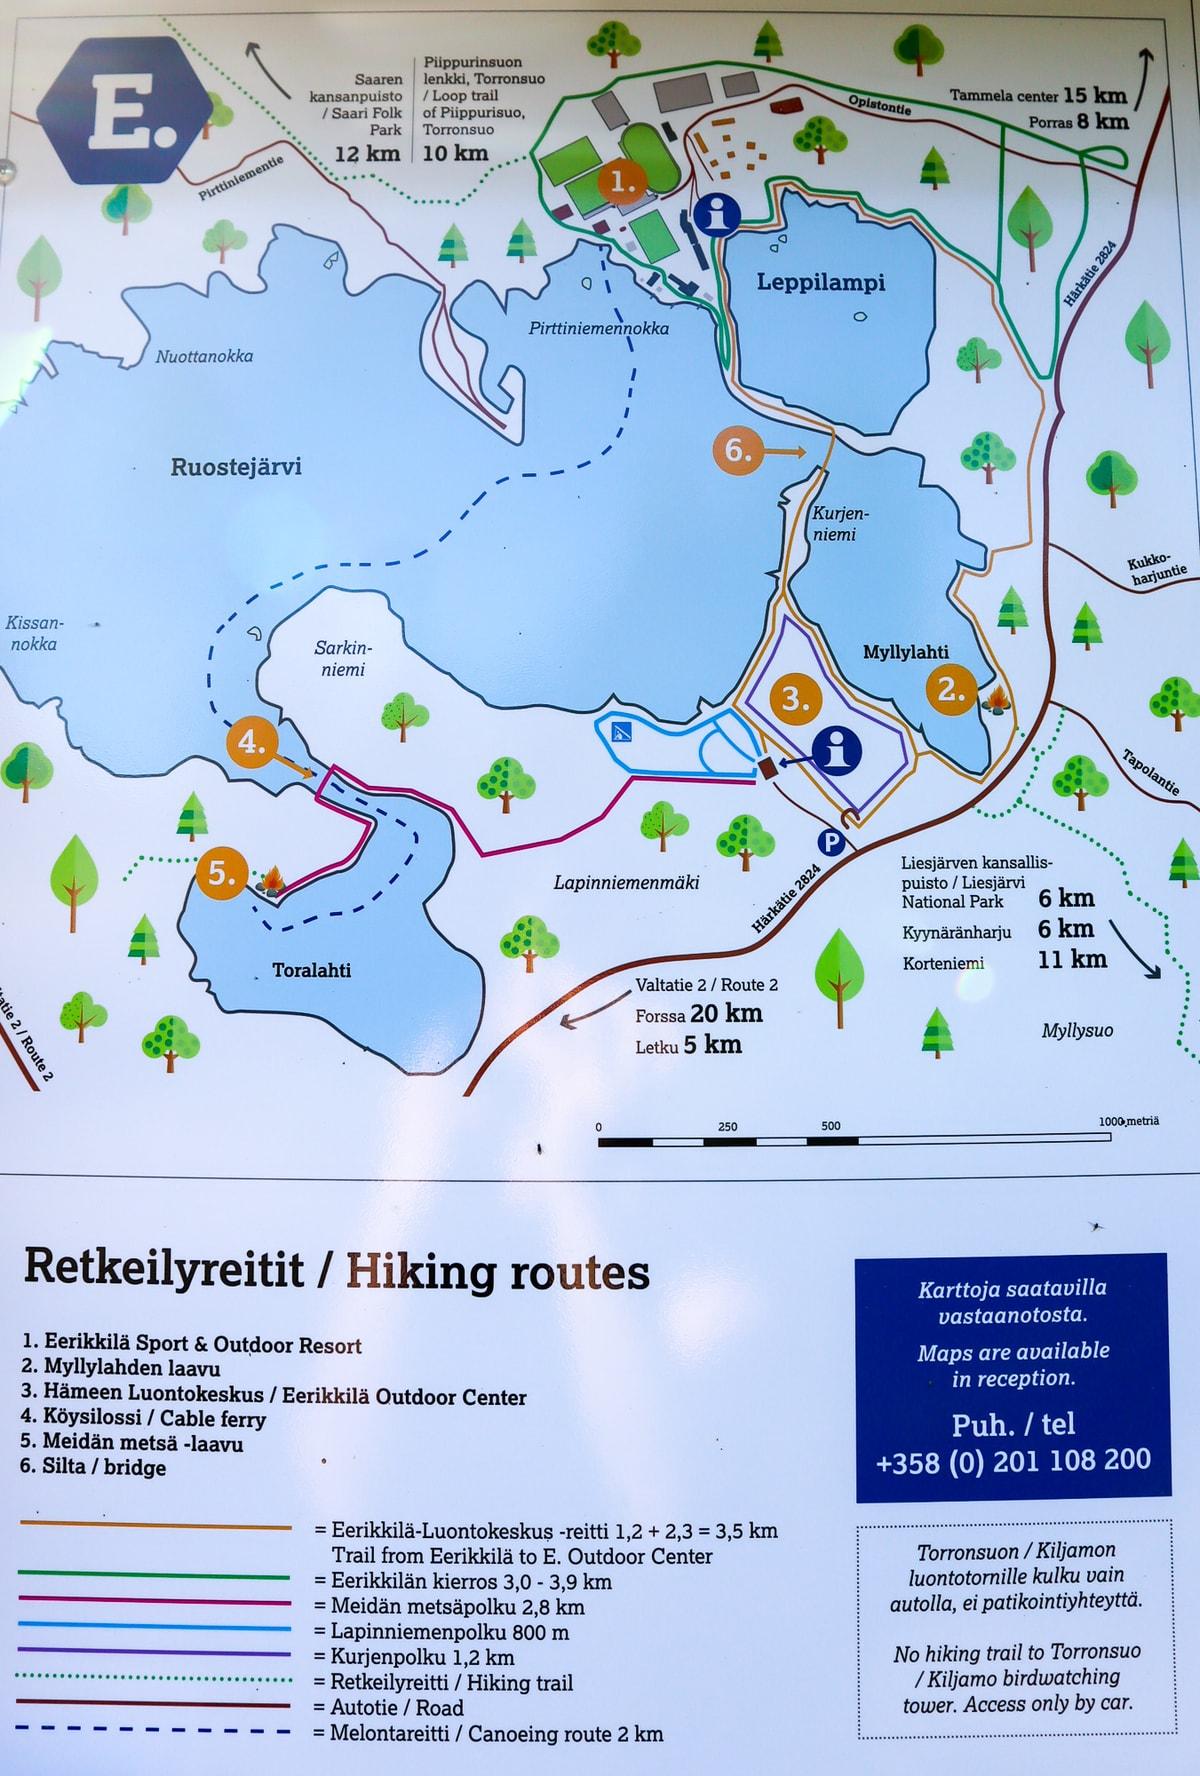 Ruostejärvi / Eerikkilä / Hämeen luontokeskus / kartta